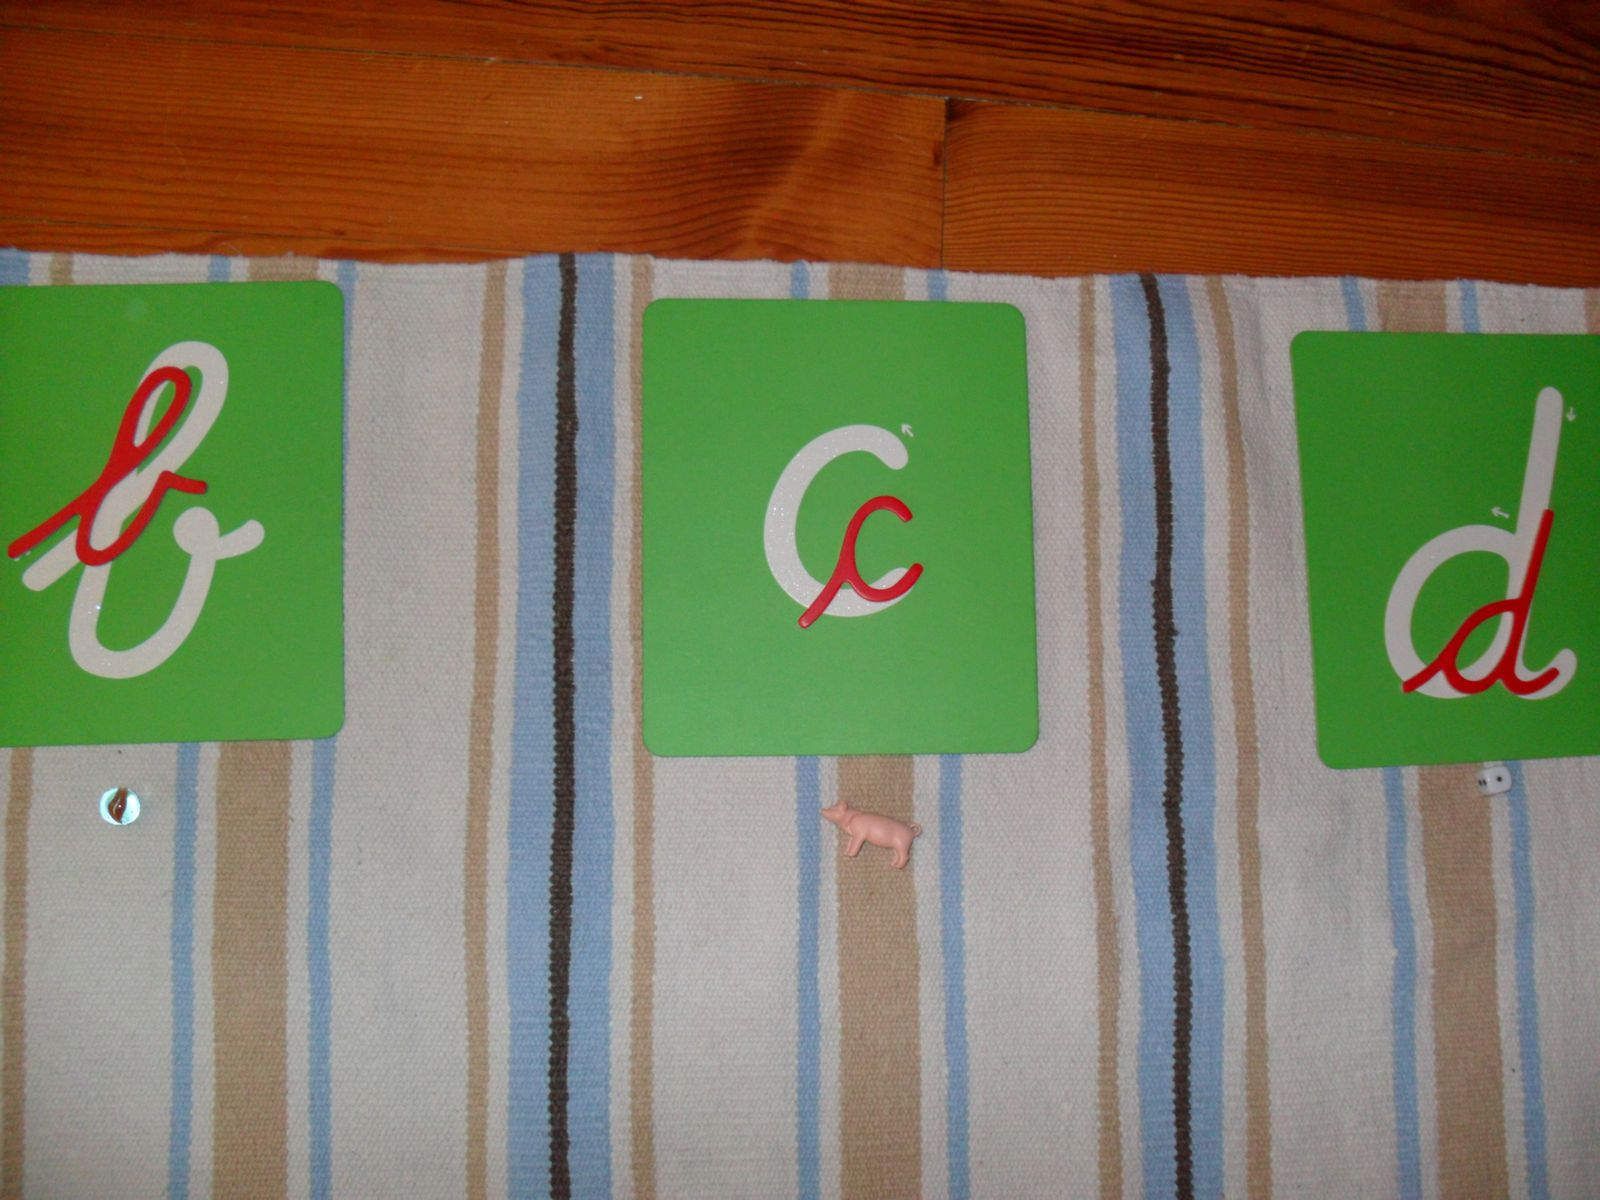 Associer des objets aux lettres rugueuses (bille commence par b)